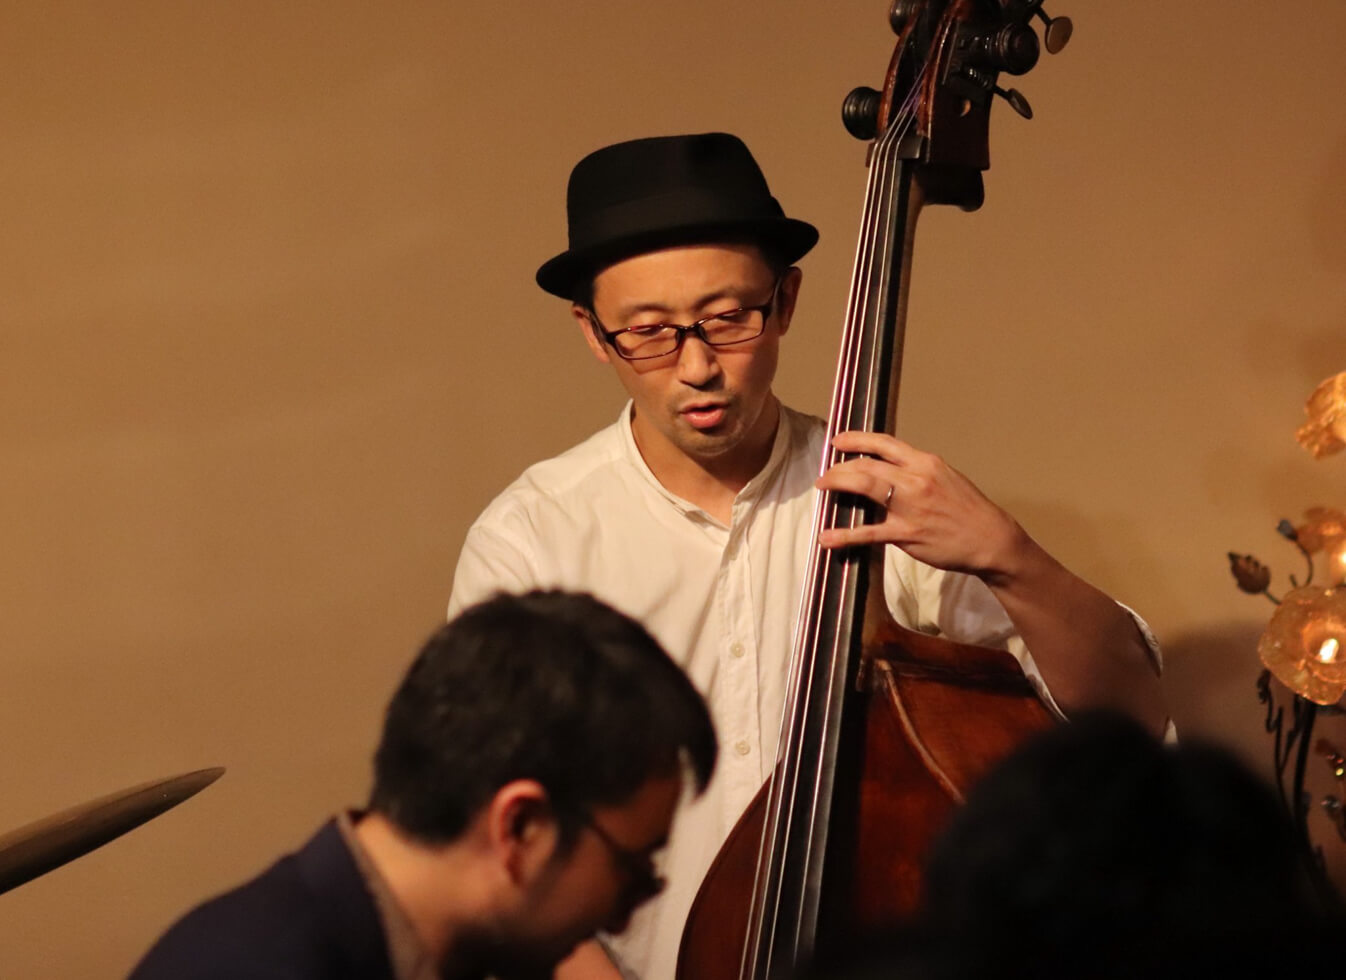 吉田豊さんと海野さんが演奏している写真